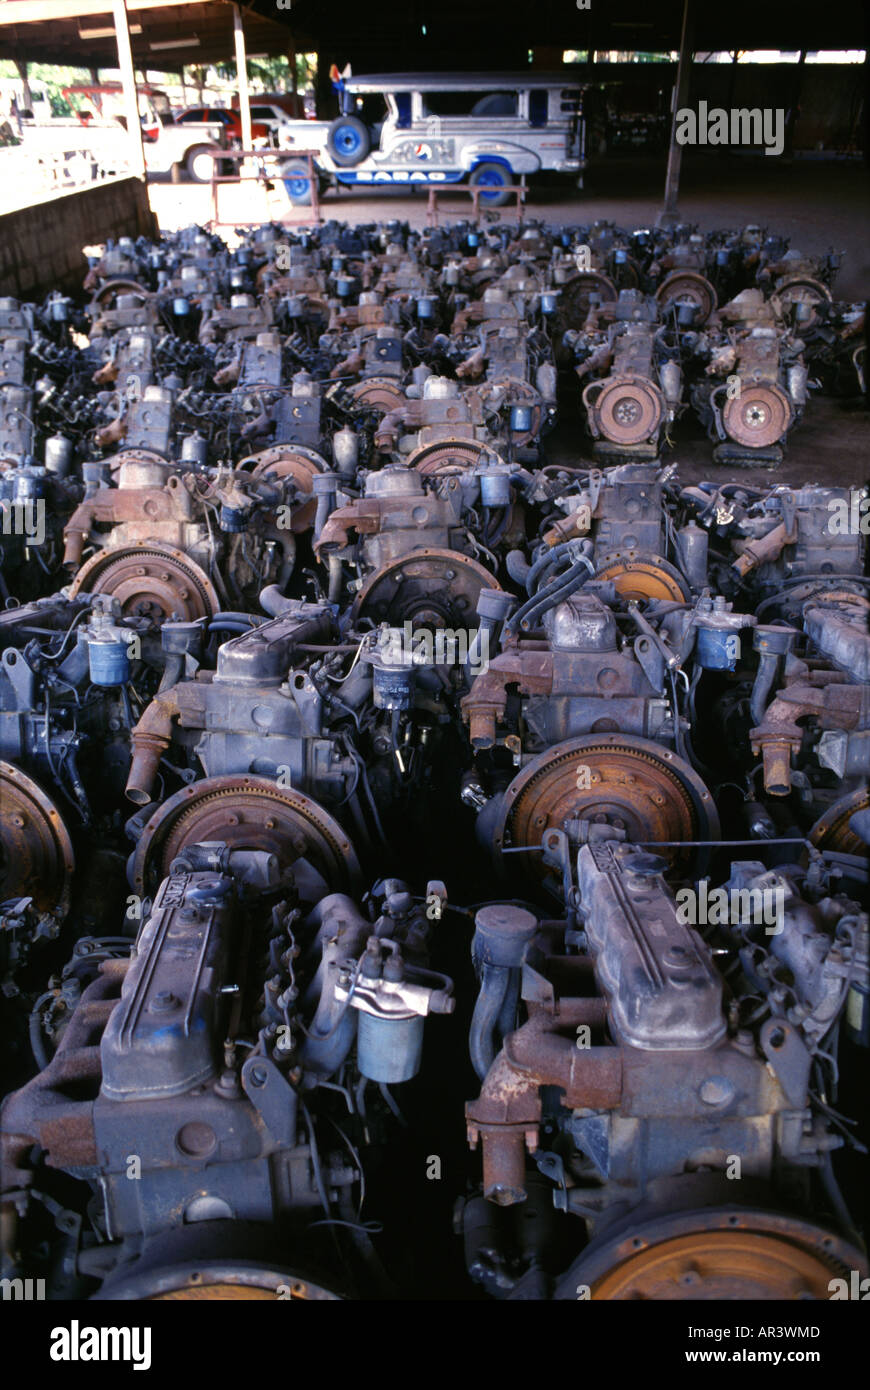 Jeepney factory, used Japanese engines, Metro Manila Luzon Island Philippines - Stock Image